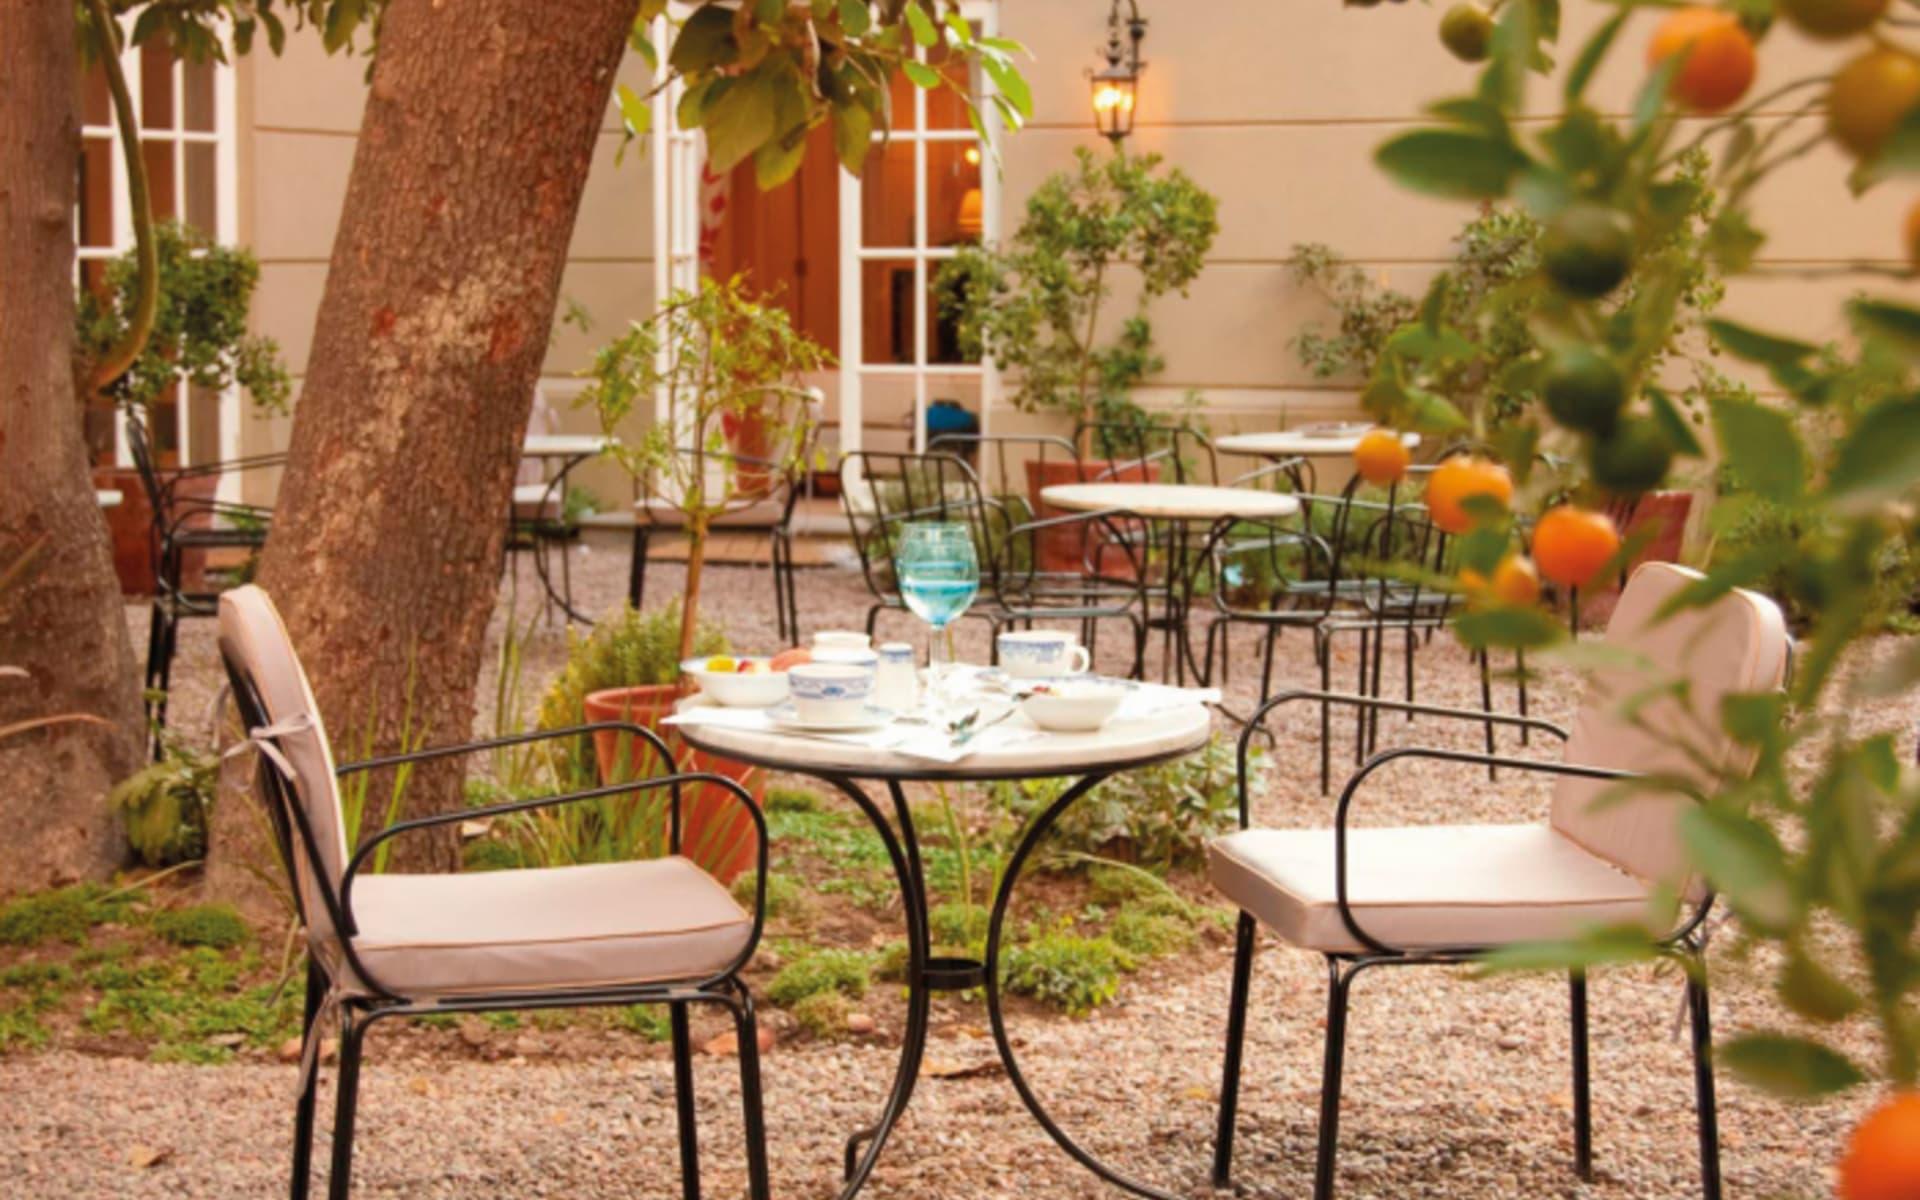 Hotel Le Reve in Santiago de Chile:  4 - la reve